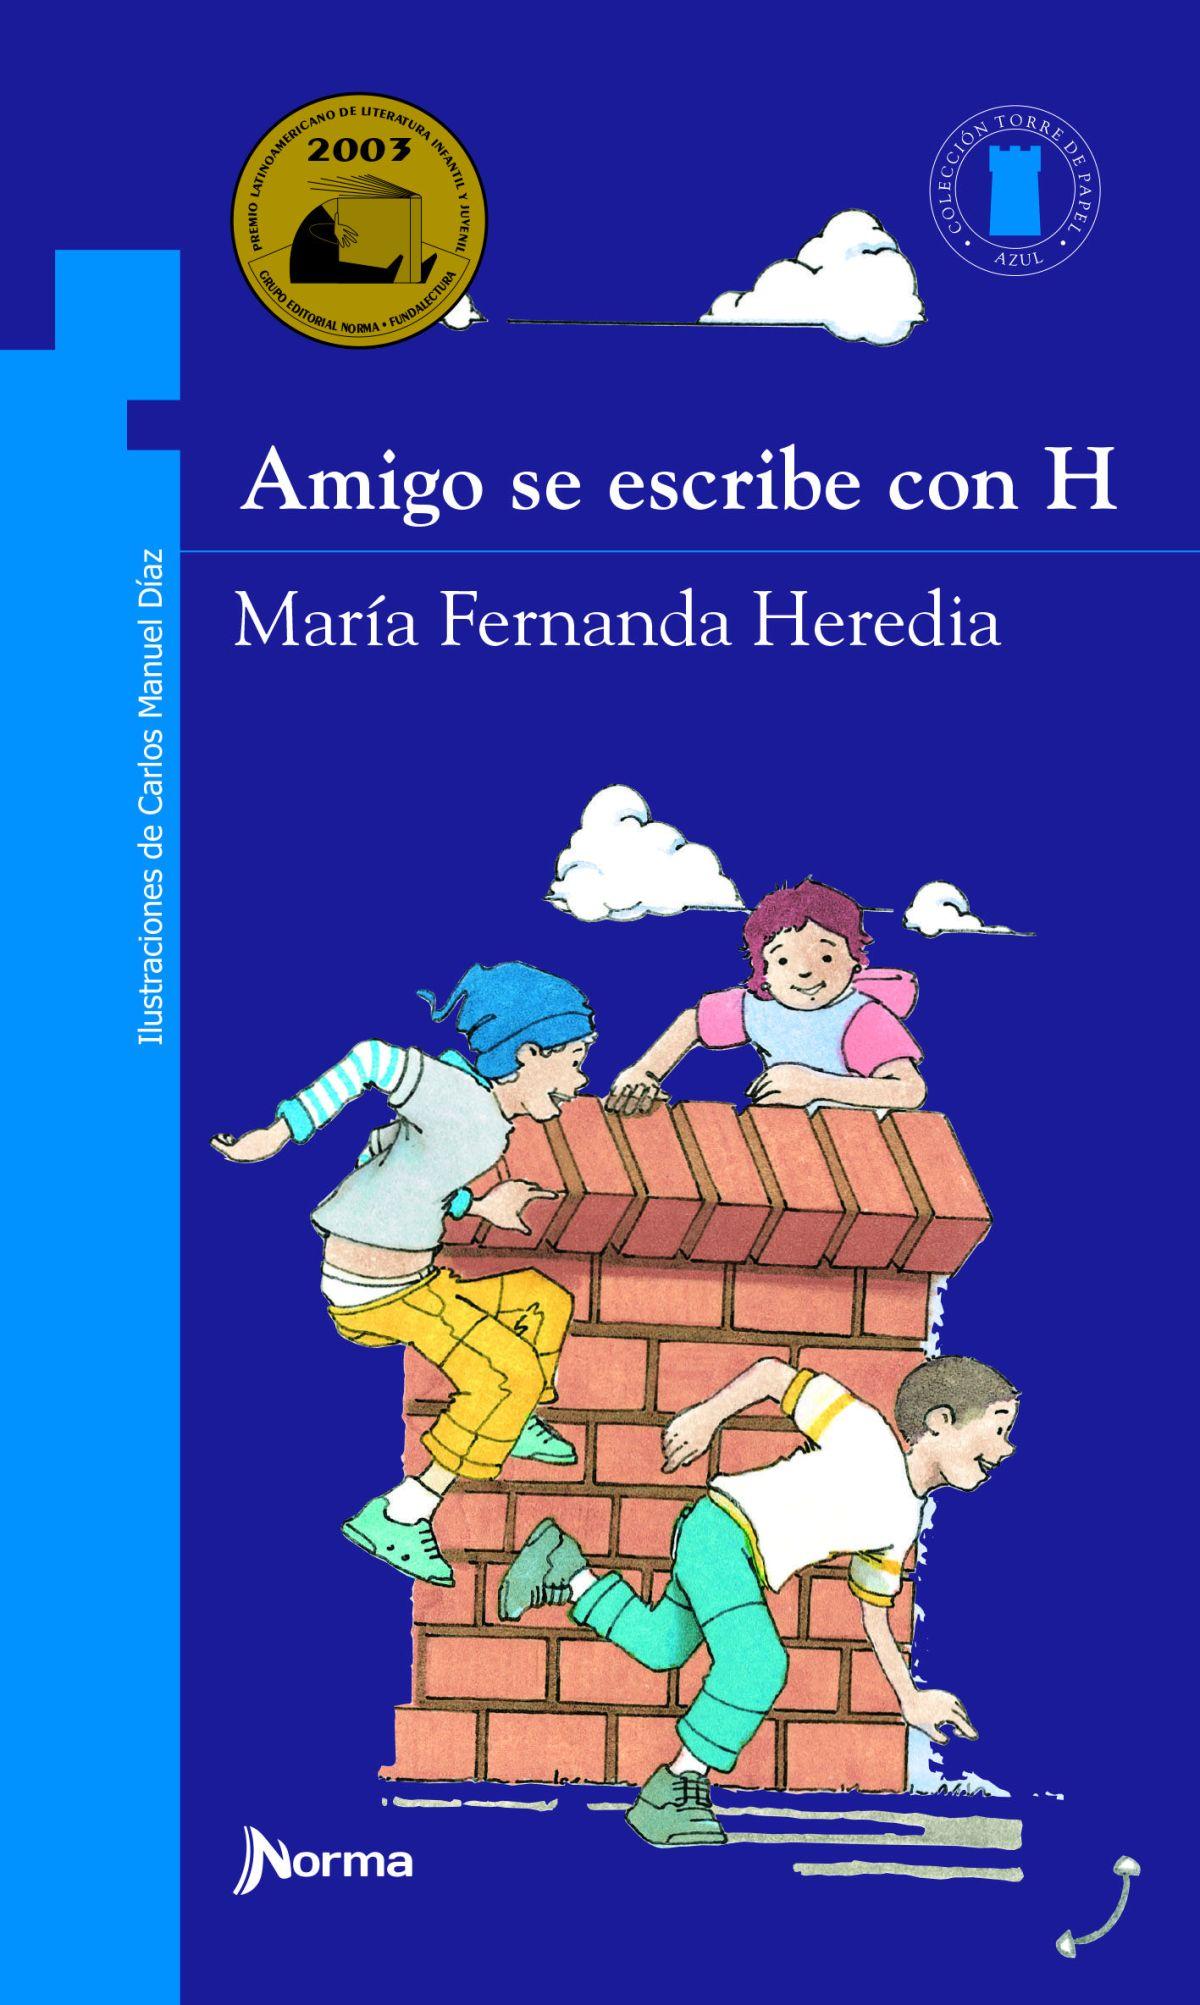 Amigo se escribe con H de la escritora ecuatoriana María Fernanda Heredia.